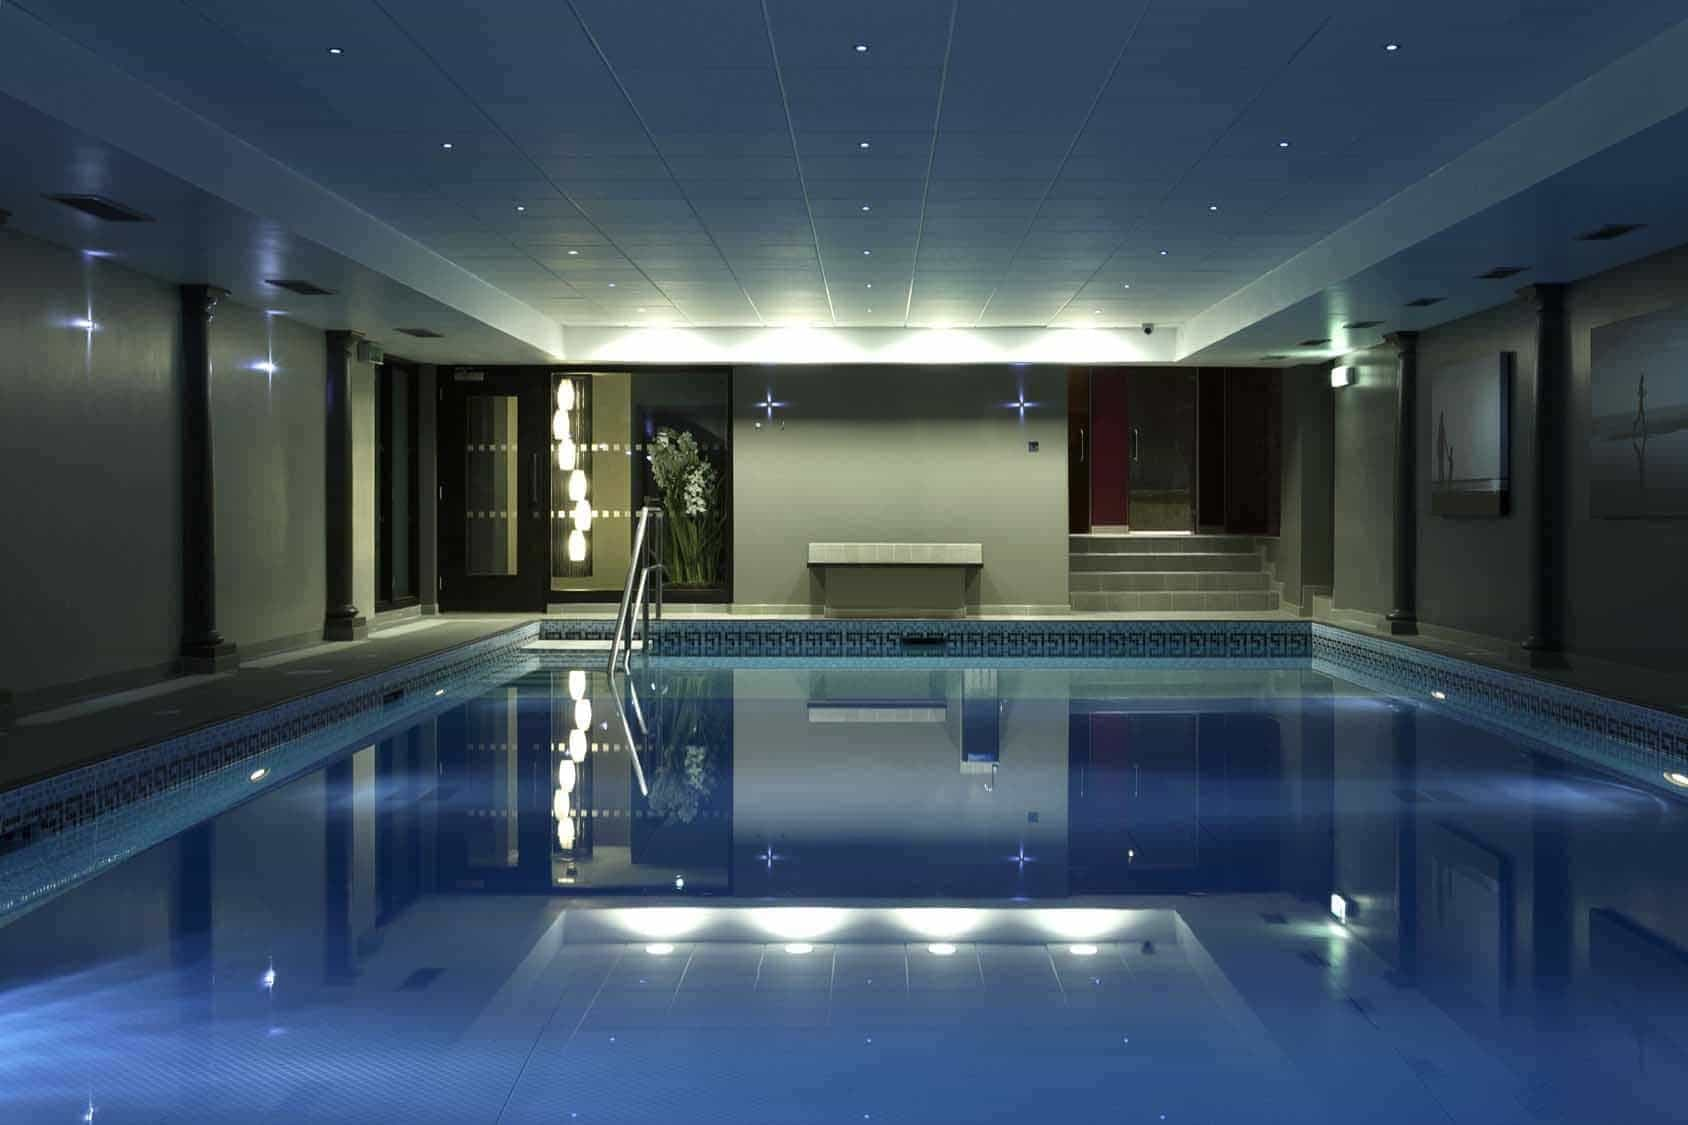 Spa Hotel Jersey Spa Breaks In St Helier Grand Jersey